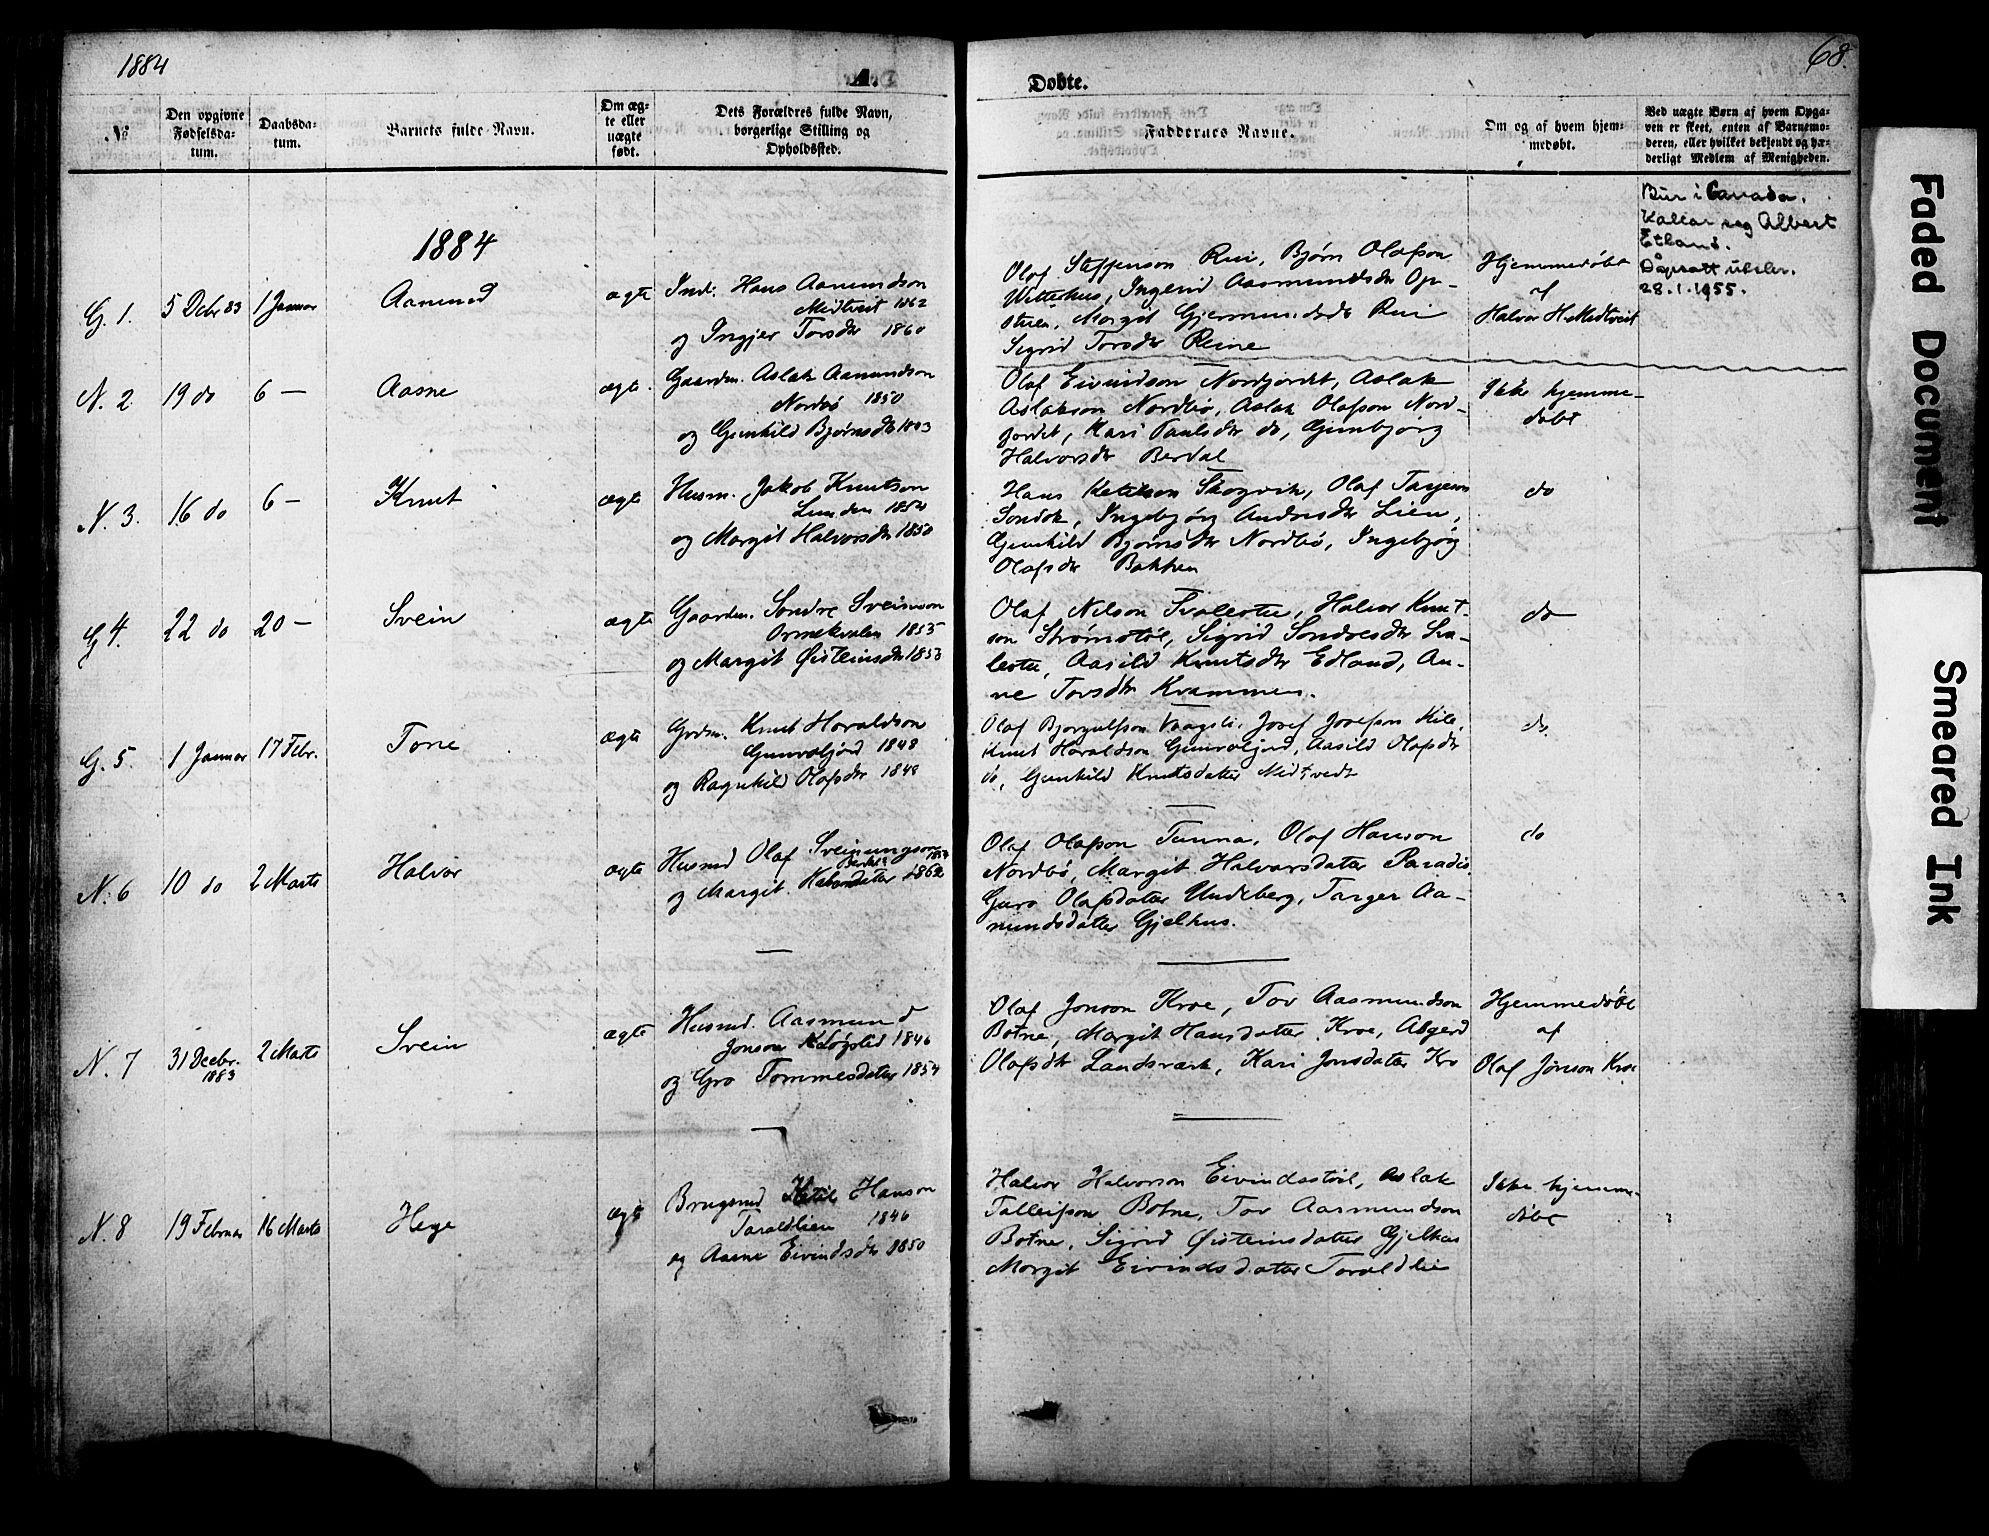 SAKO, Vinje kirkebøker, F/Fa/L0005: Ministerialbok nr. I 5, 1870-1886, s. 68